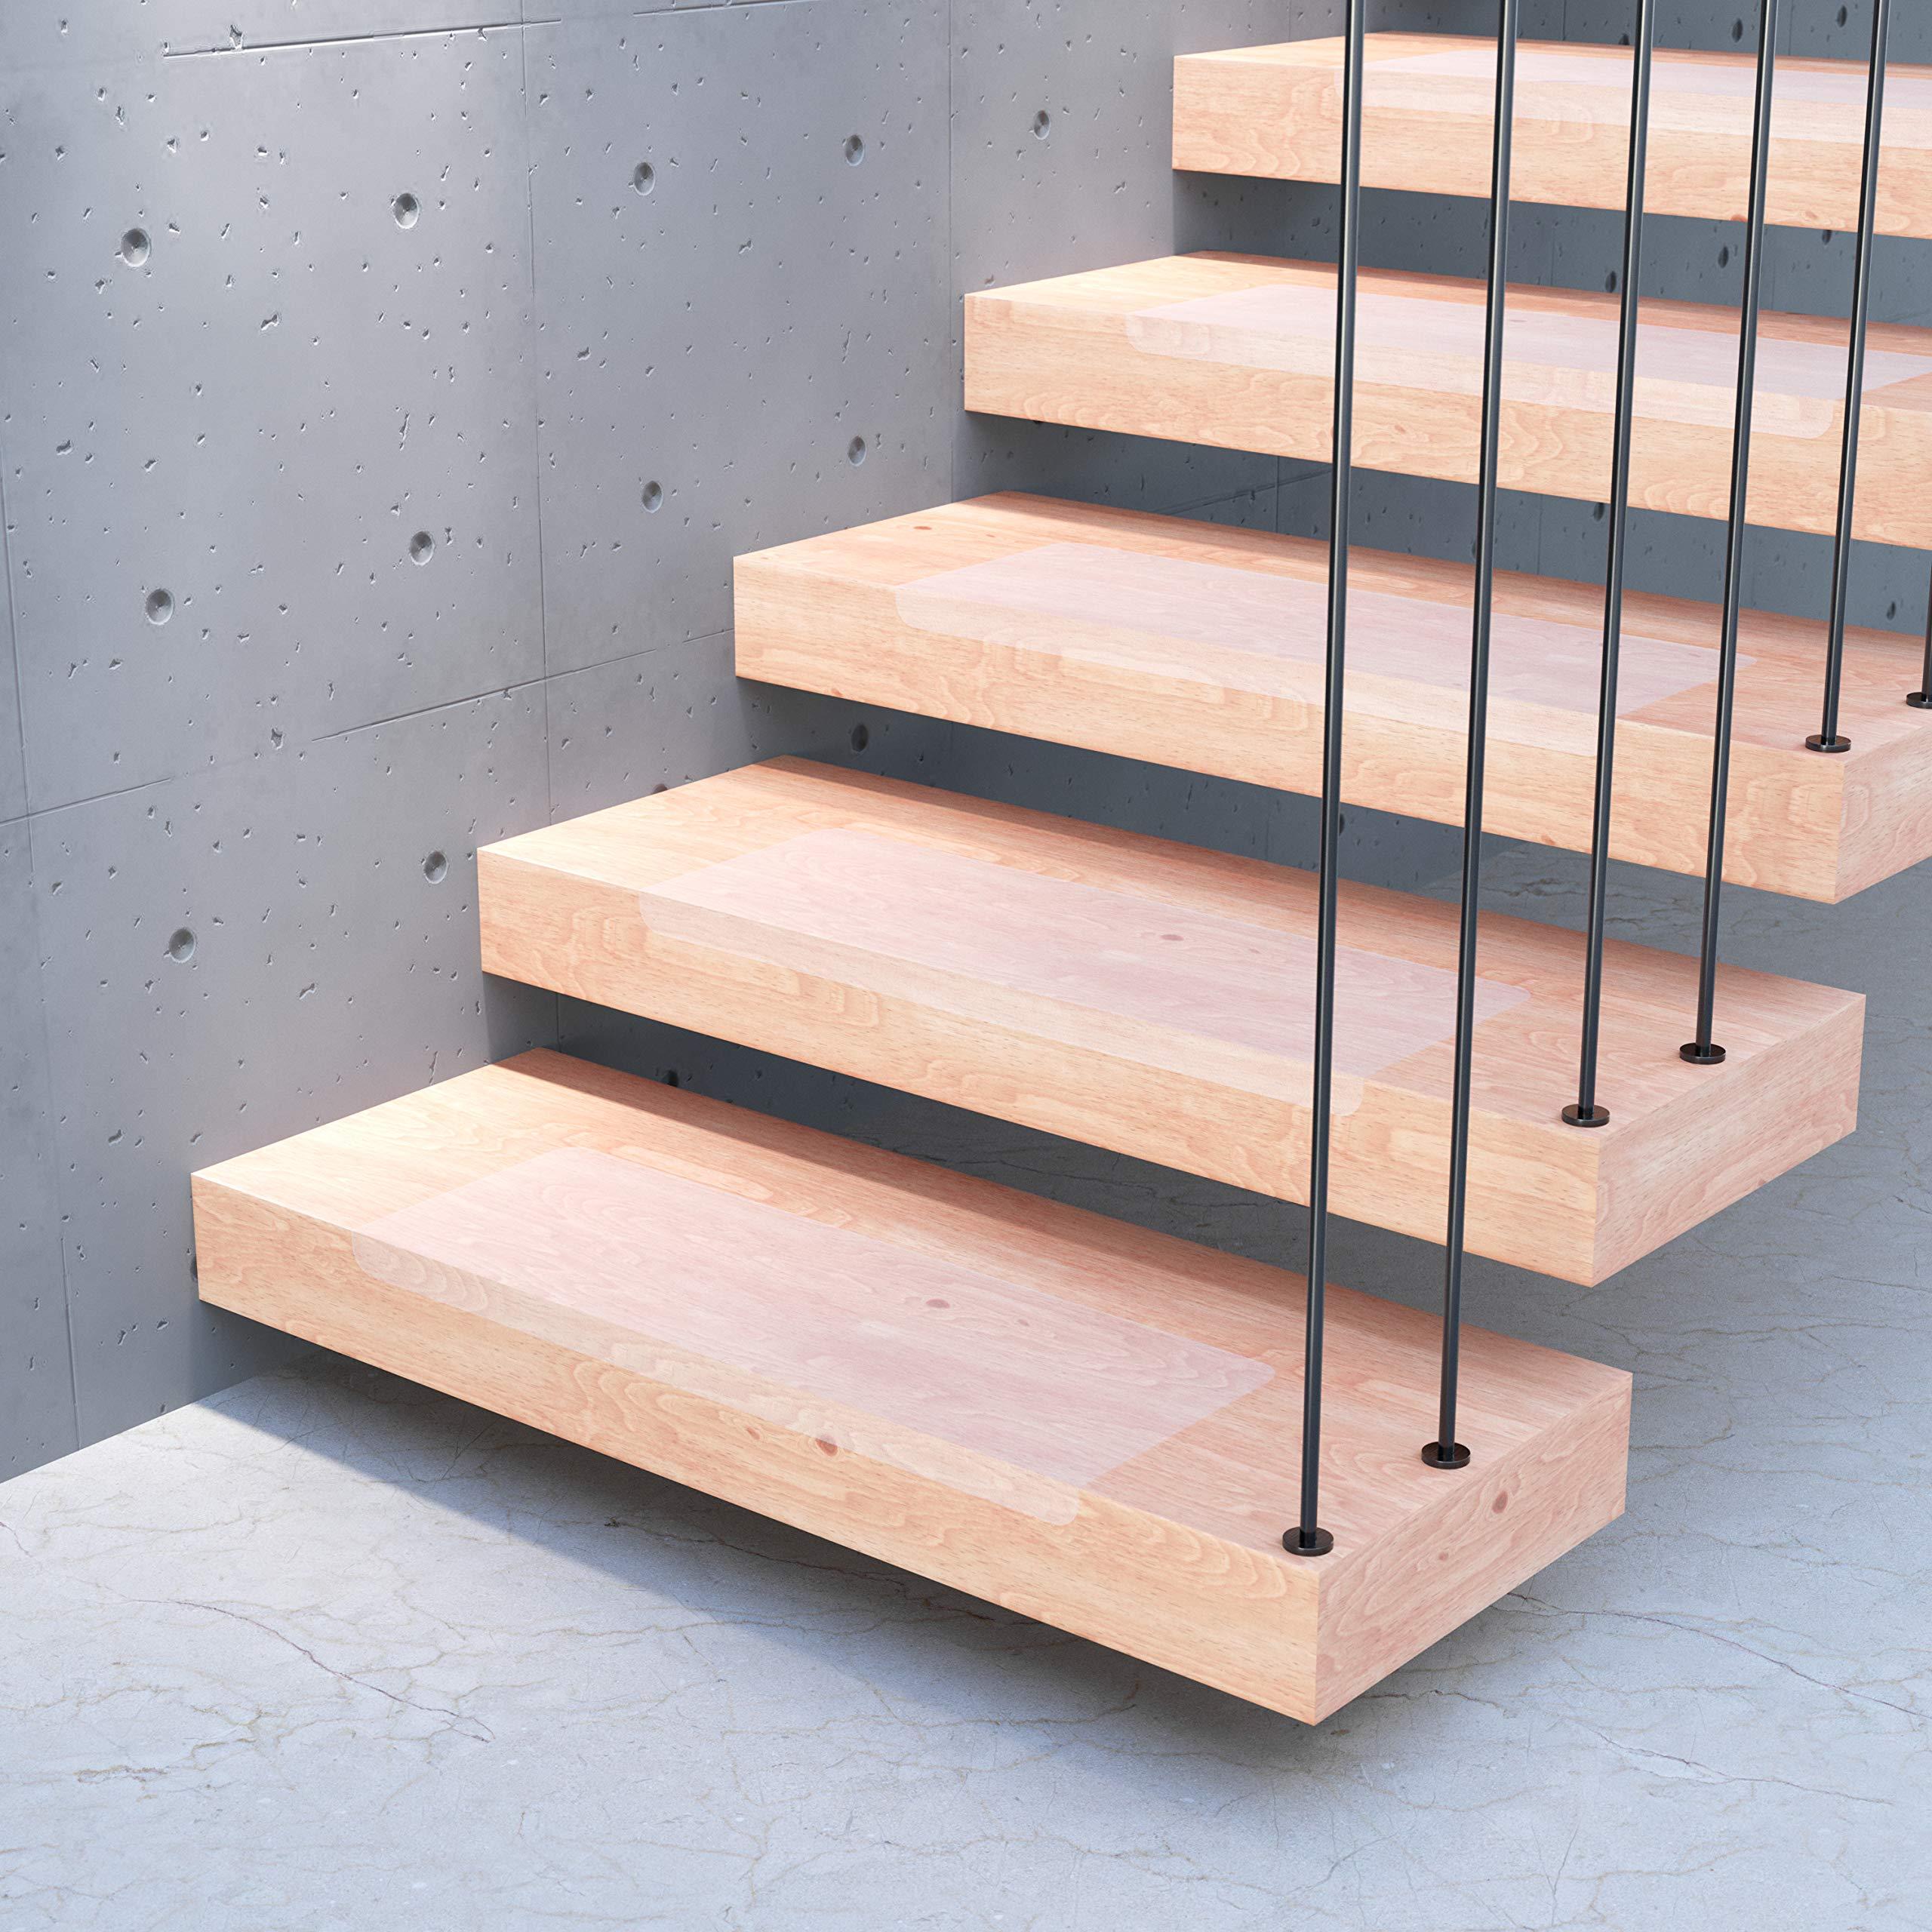 13x alfombrillas para peldaños STAIR PROTECT Sossai®   20 x 65 cm   Protección transparente para escaleras   Easy Clean   Autoadhesiva: Amazon.es: Bricolaje y herramientas